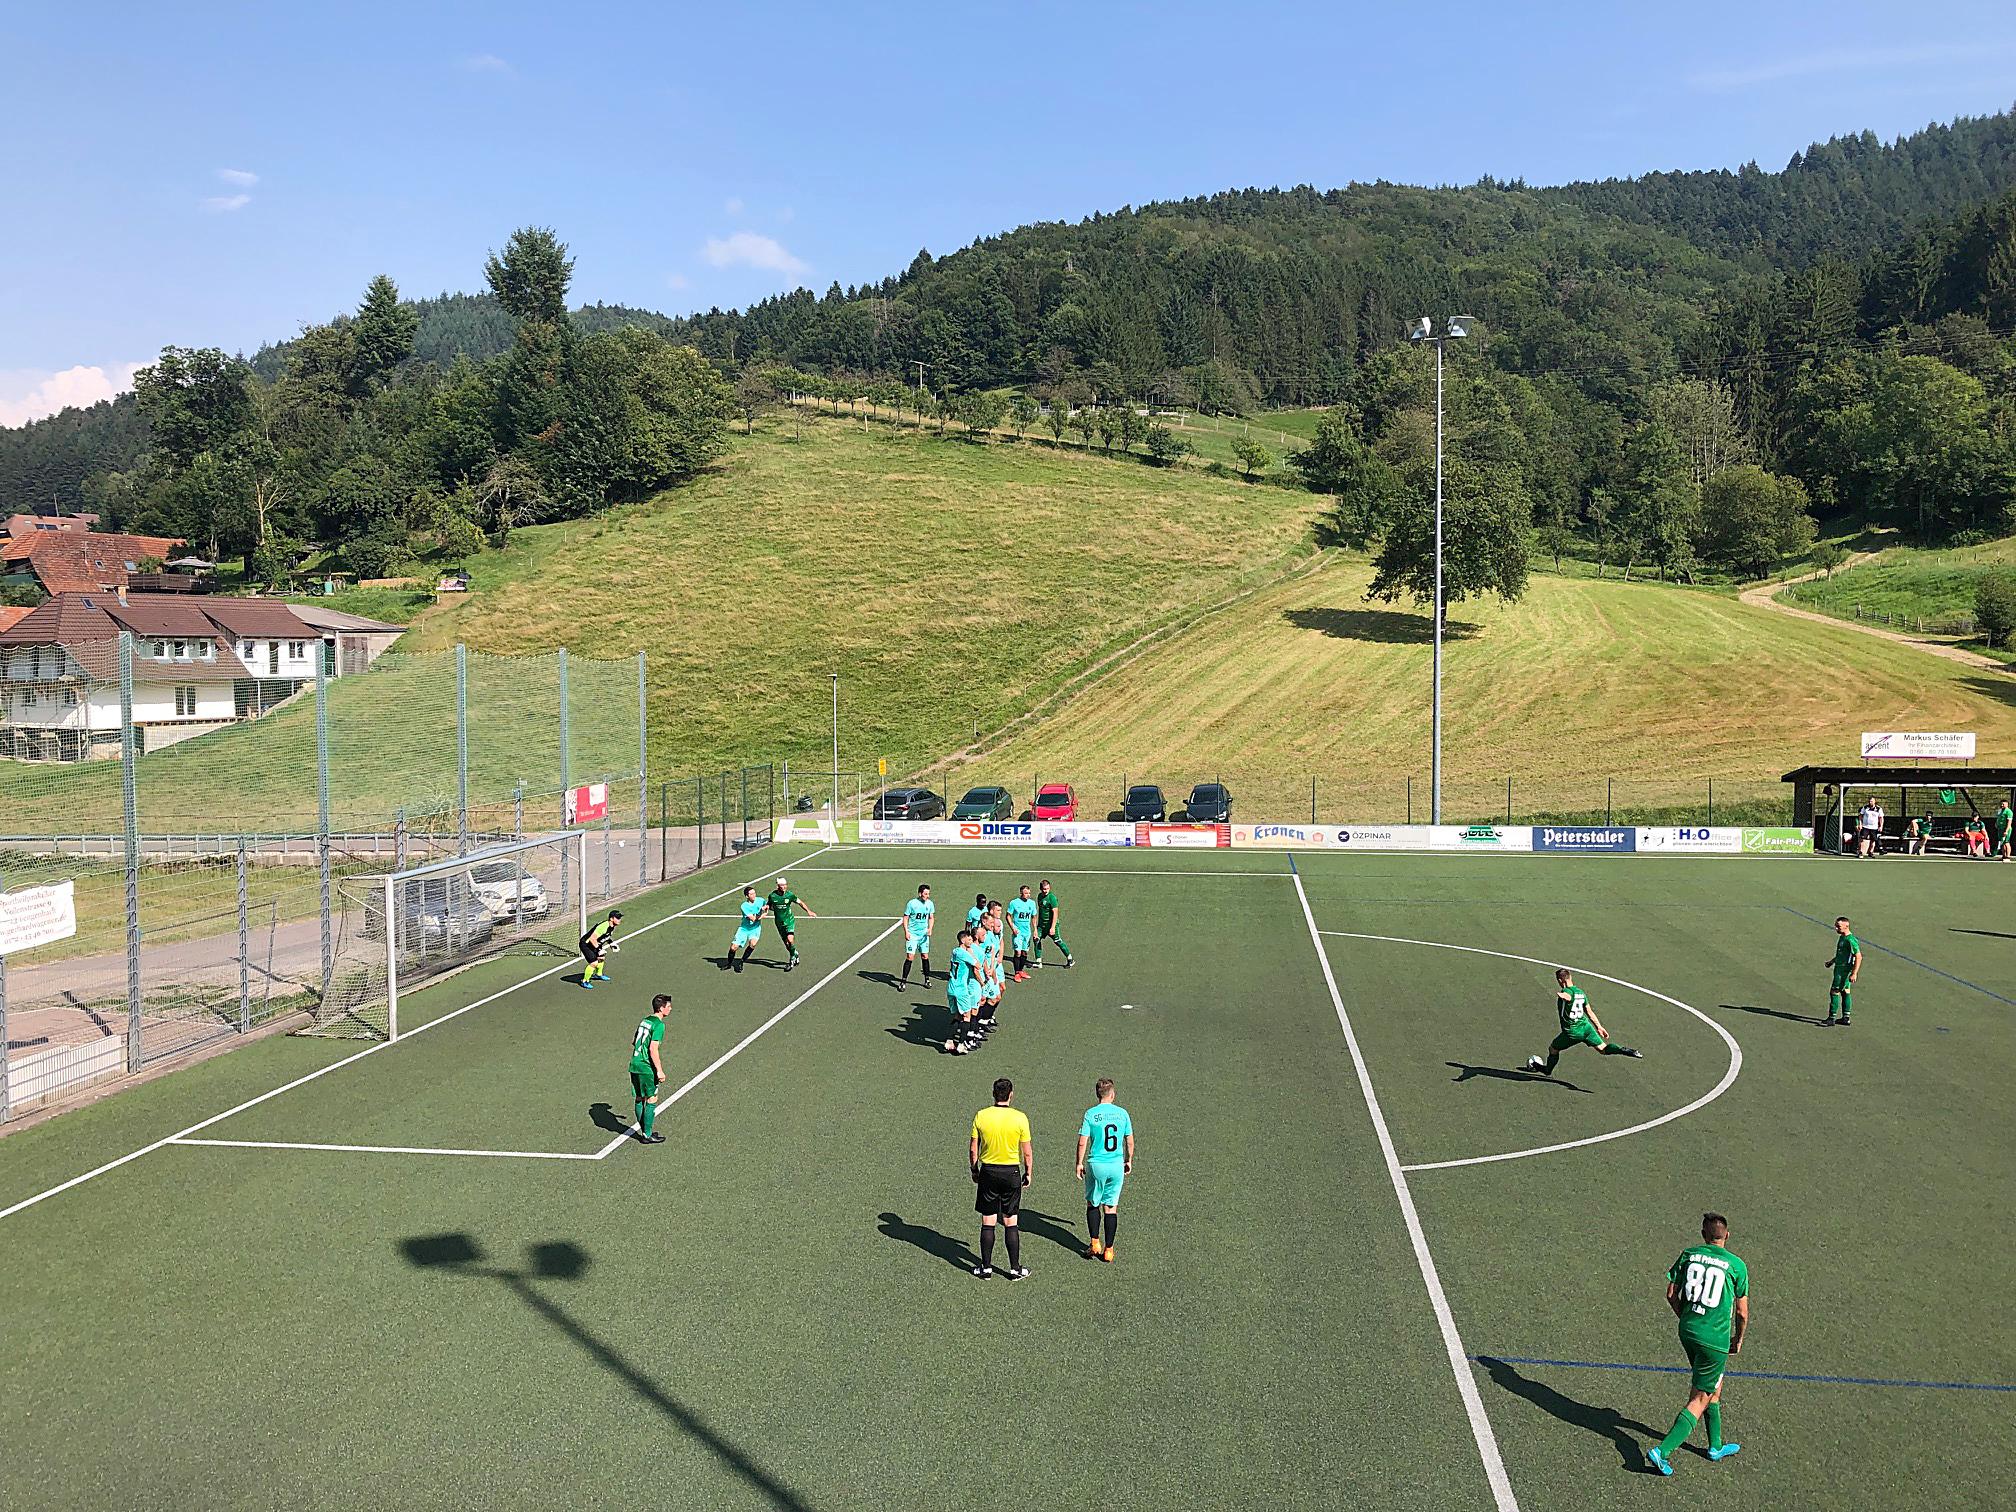 2021-8-18-BI-PB-bsch-DJK vs SG Oberweier Eduard Jung beim Freistoß